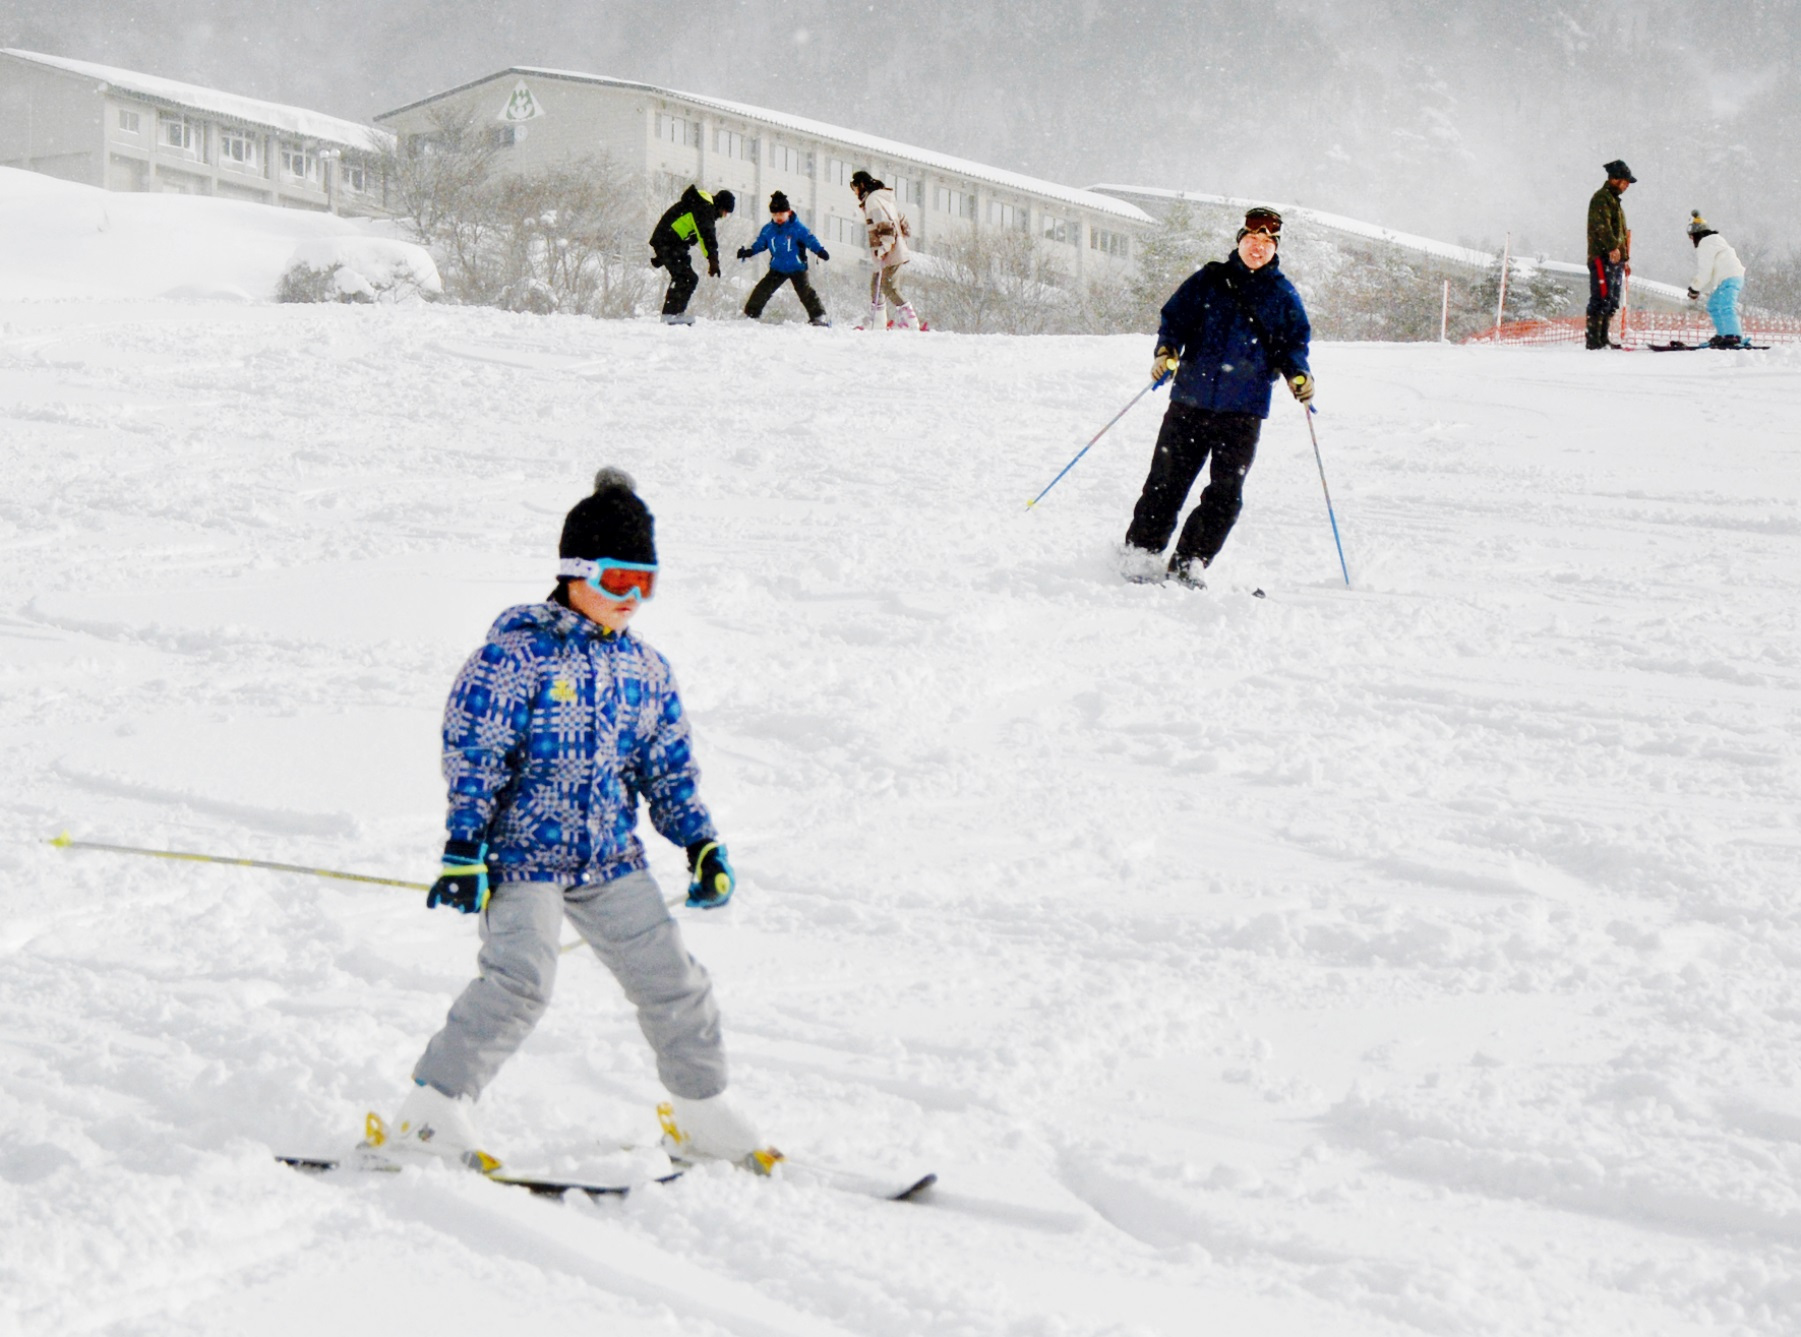 ゲレンデをゆっくりと滑り降りる子どもら=21日、大野市南六呂師の六呂師高原スキーパーク